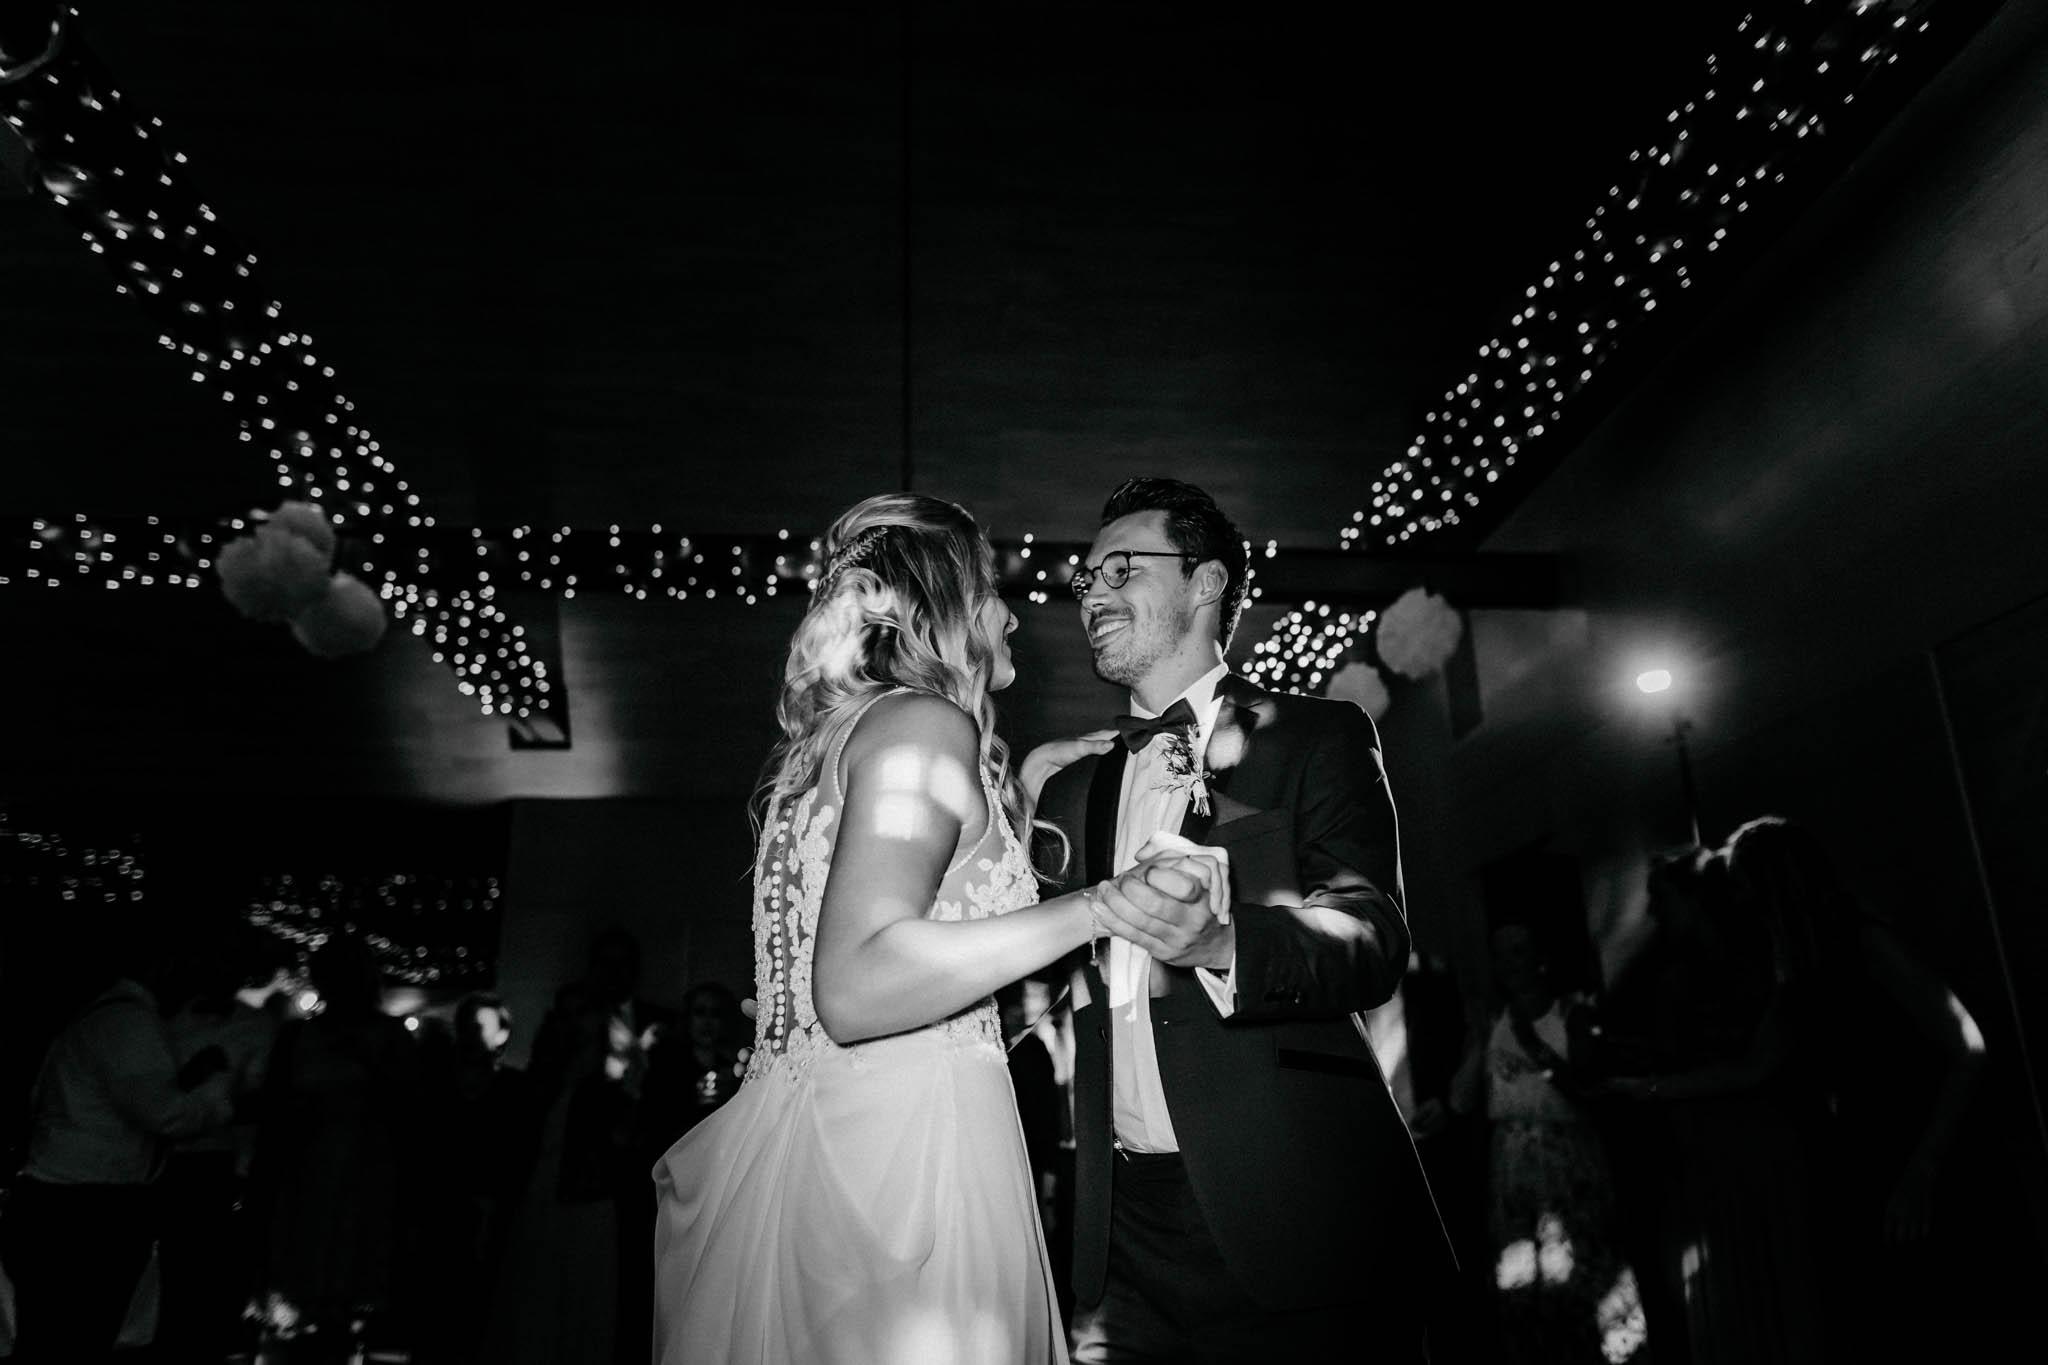 Hochzeitsfieber by Photo-Schomburg, Hochzeitsfotograf, Hamburg, Bremen, Hochzeitstag, Hochzeitspaar, Braut, Bräutigam, Bremen-Kränholm,Knoops Park-197